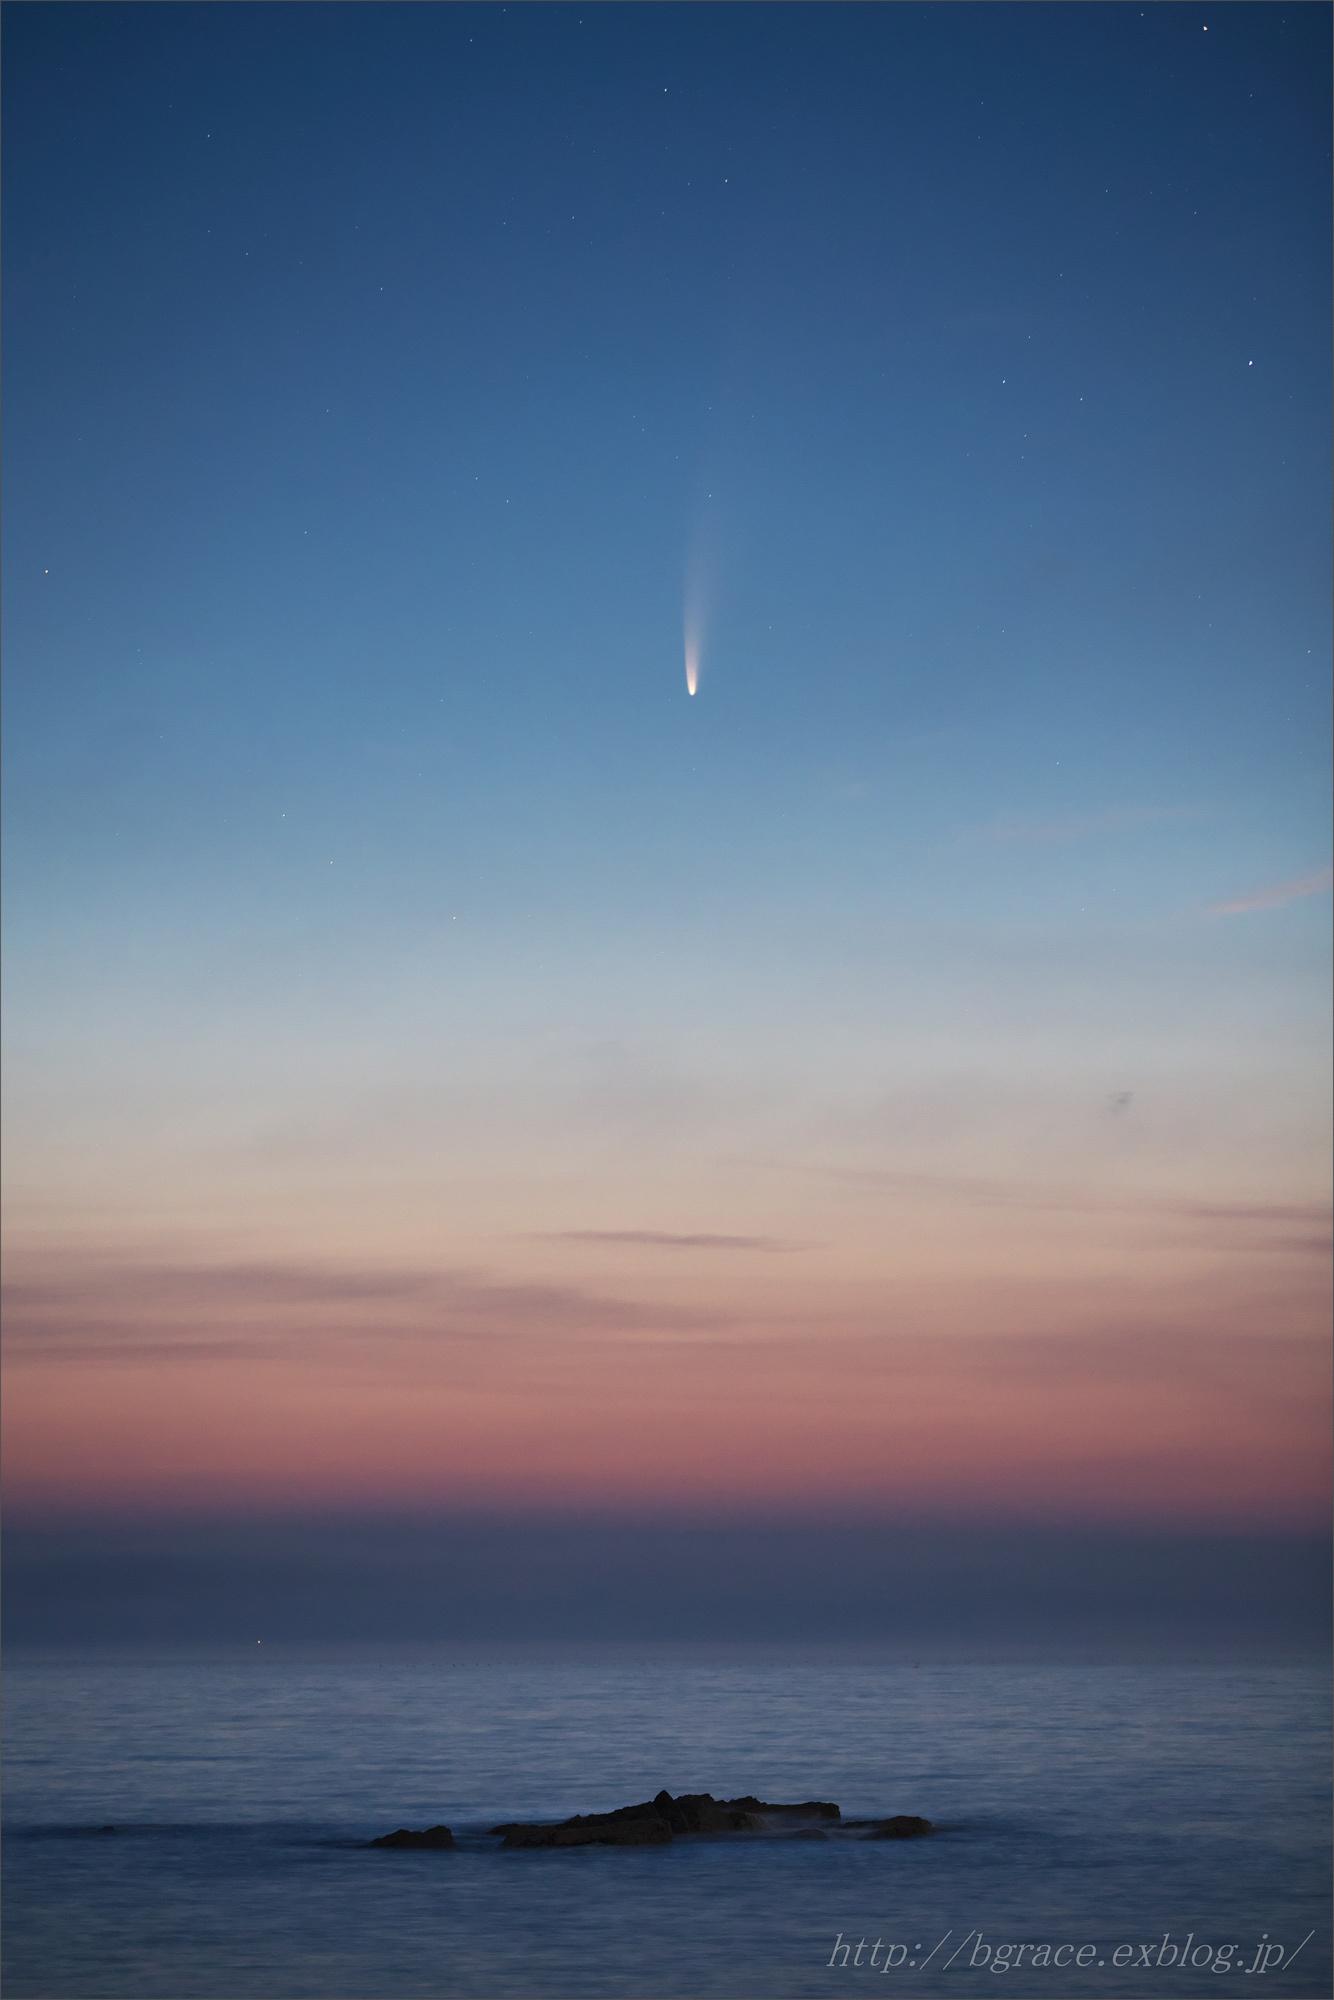 ネオワイズ彗星  C/2020F3 岩手県 前半_b0191074_16484646.jpg